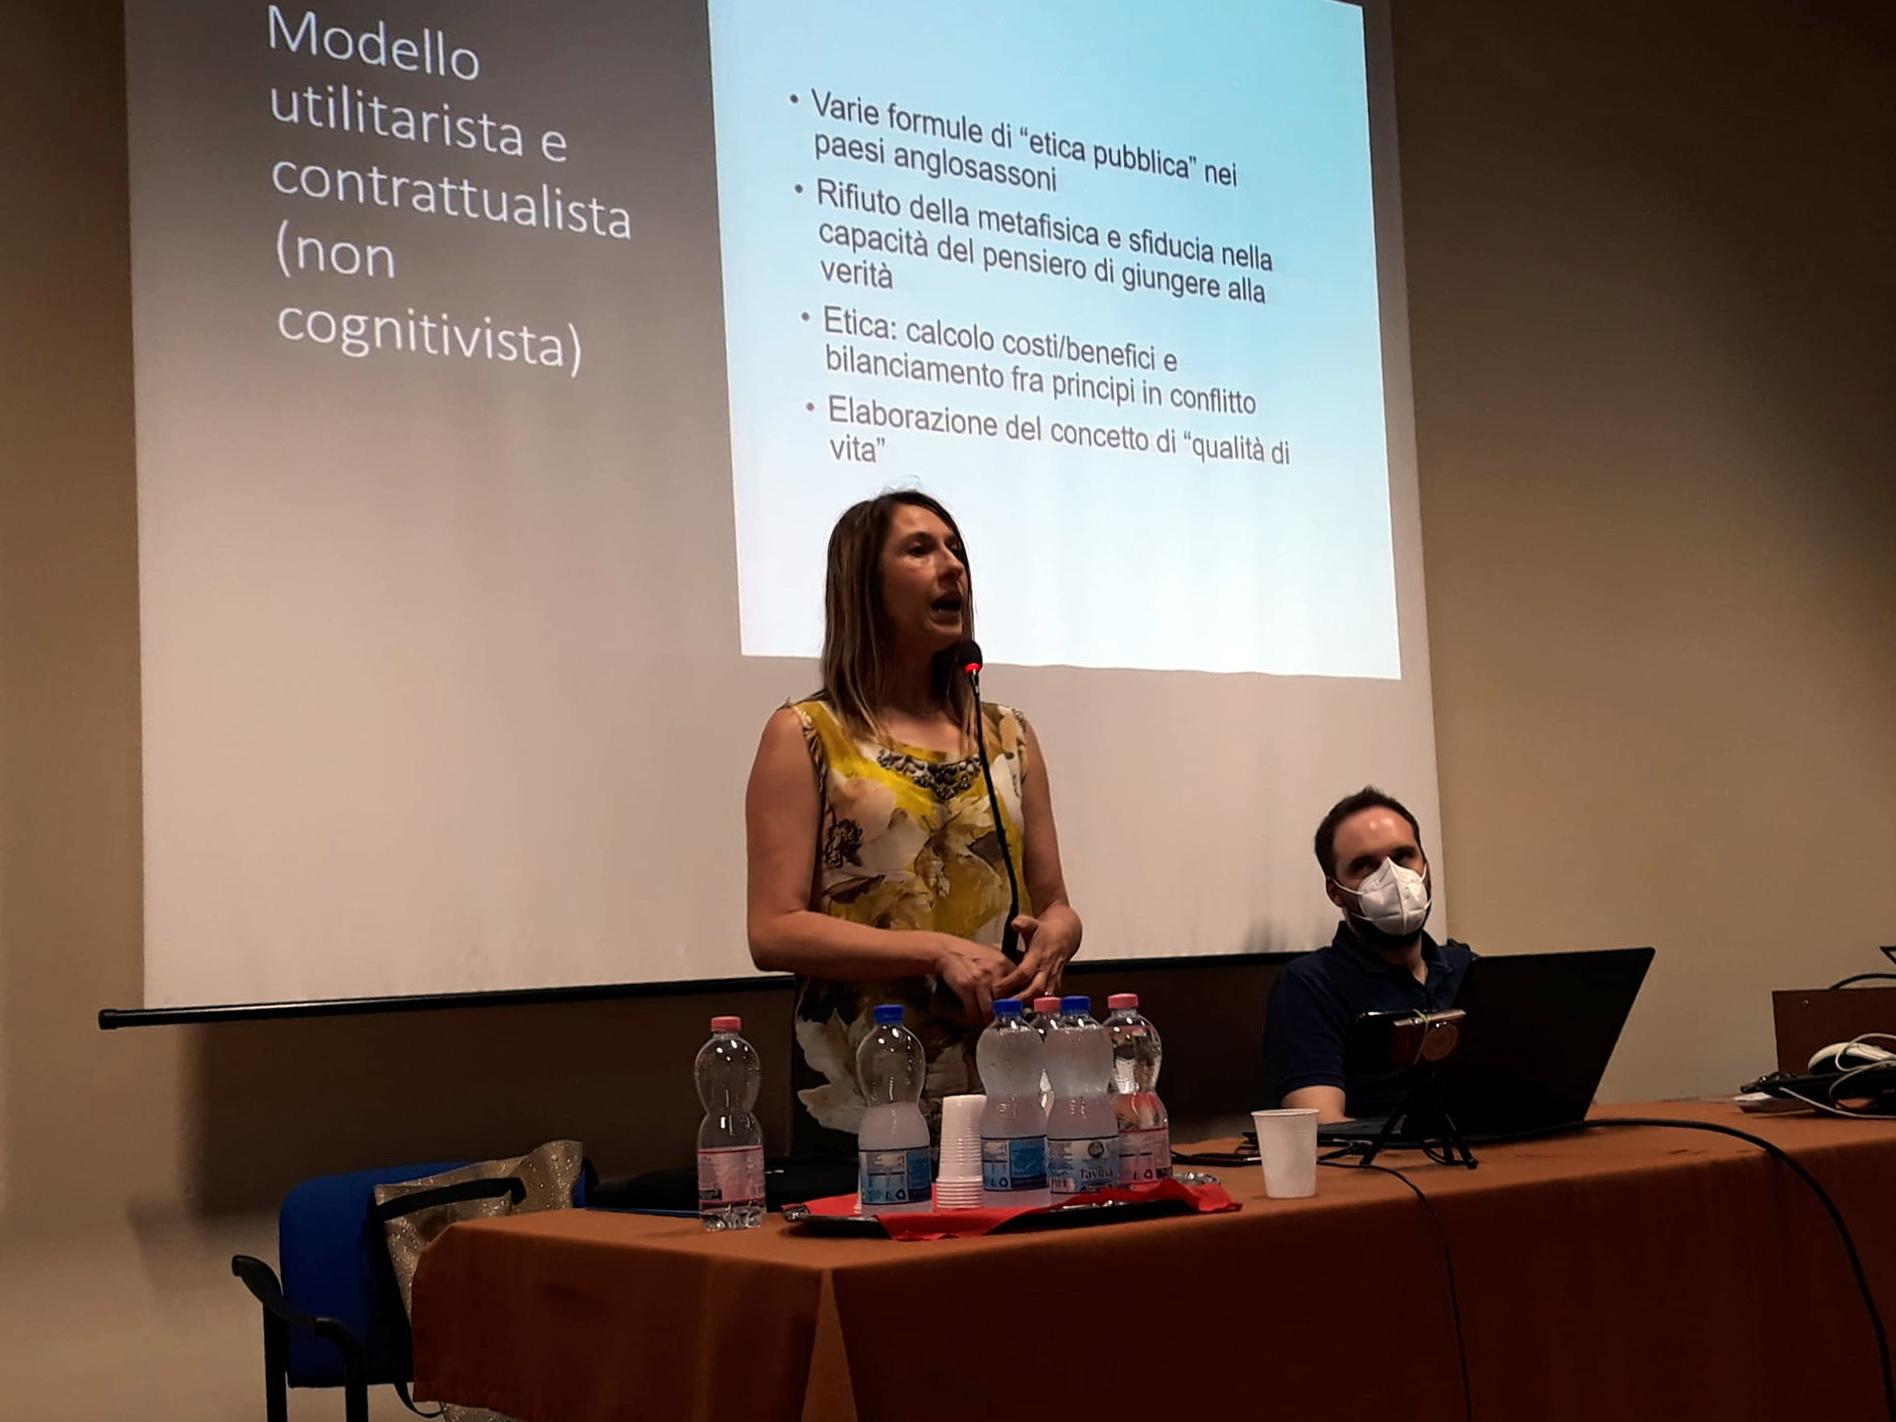 Clauda Navarini